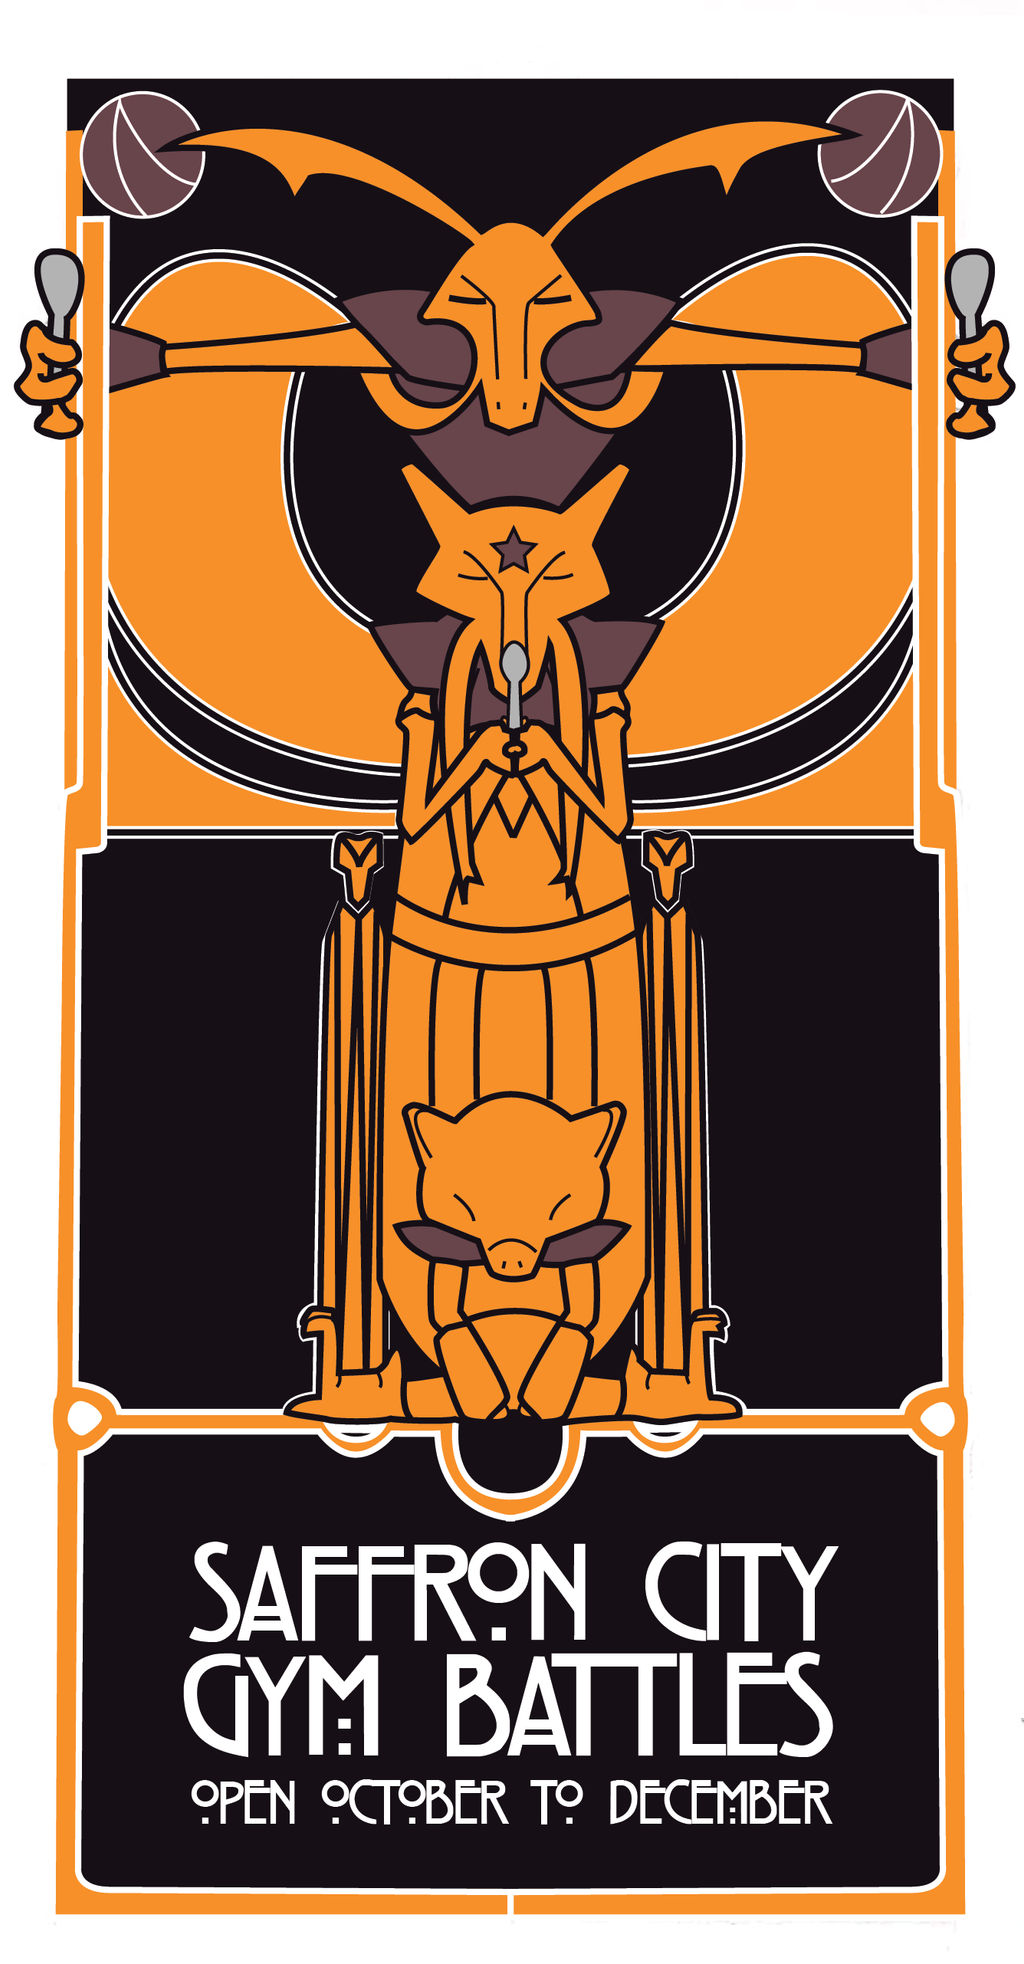 Saffron City Glasgow School Poster by Dingbat1991